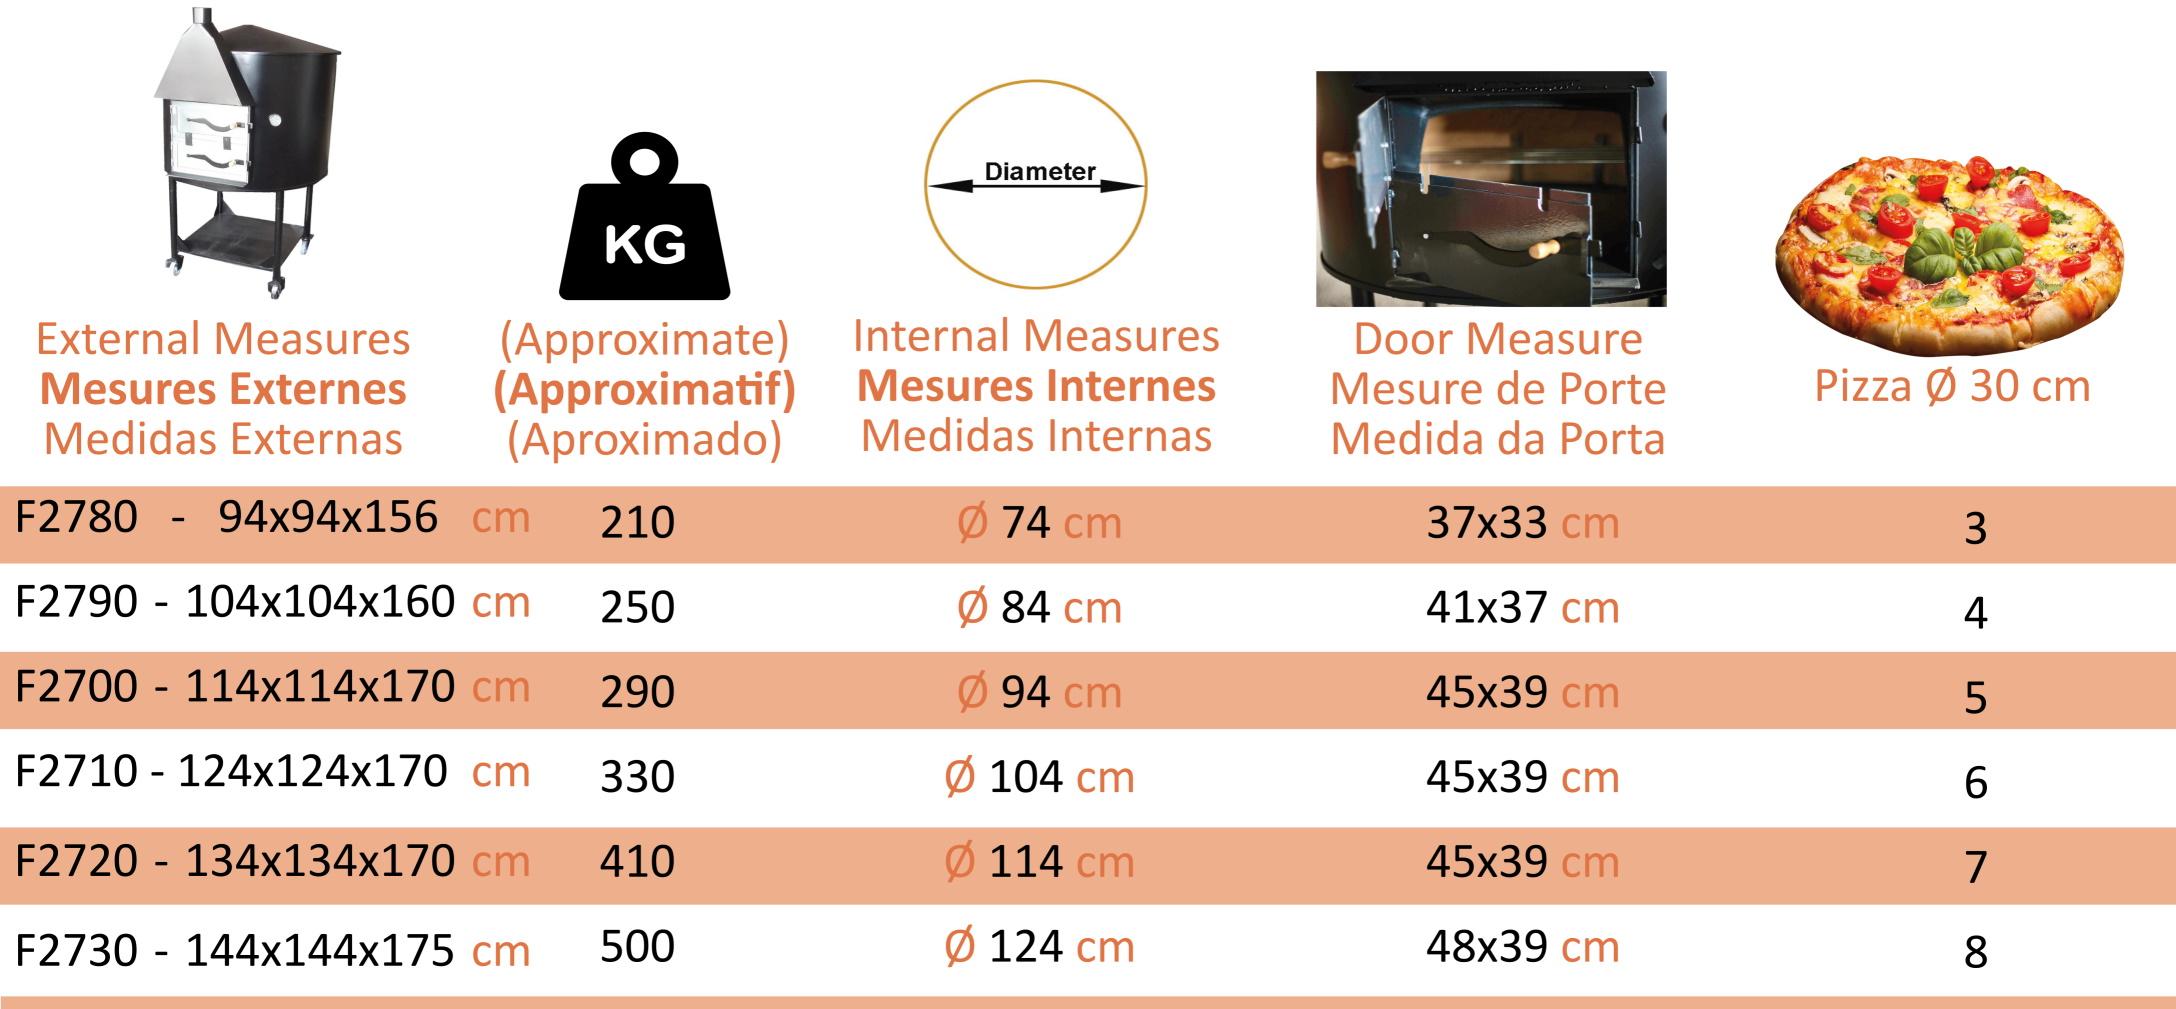 medidas_wood_oven_drum_artiforno.jpg